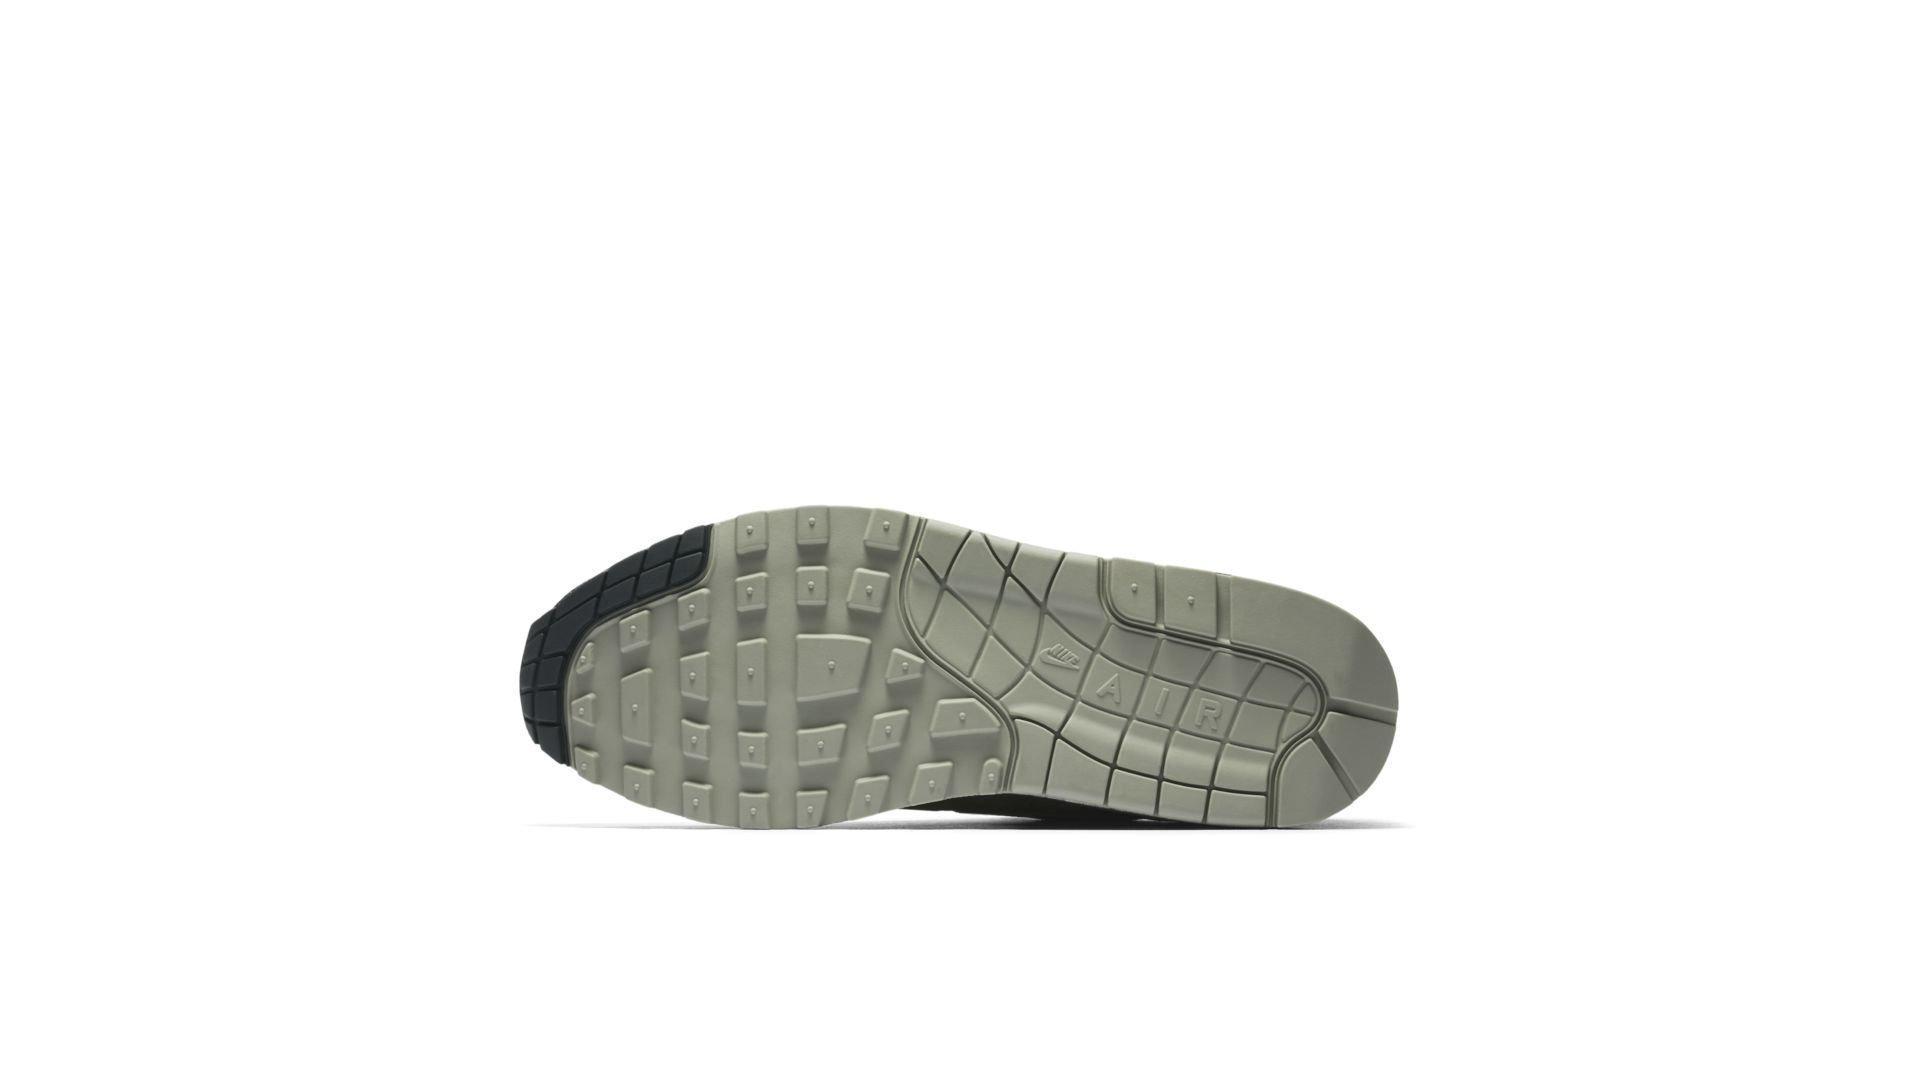 Nike Air Max 1 Premium 875844-201